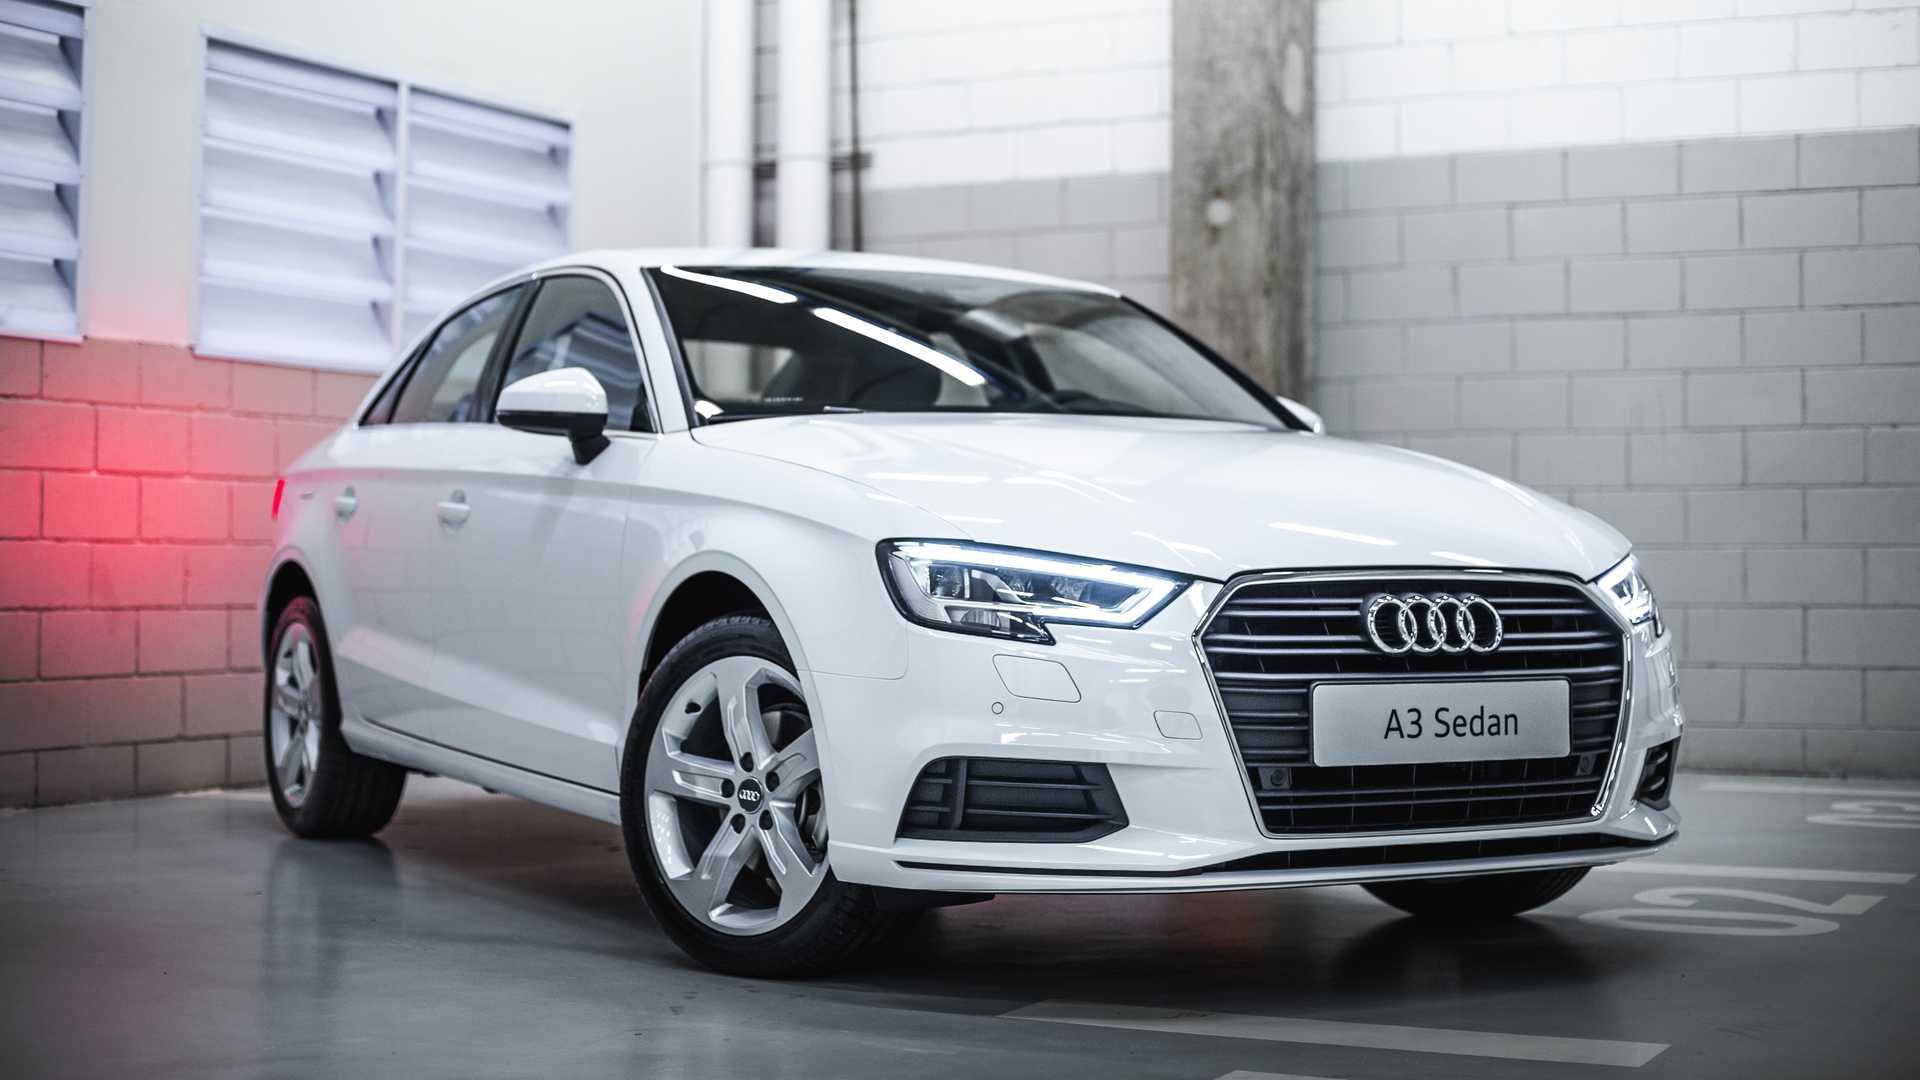 Mais em conta da marca das argolas por aqui,Audi A3 Sedan Prestige usa conjunto conhecido na irmã Volkswagen